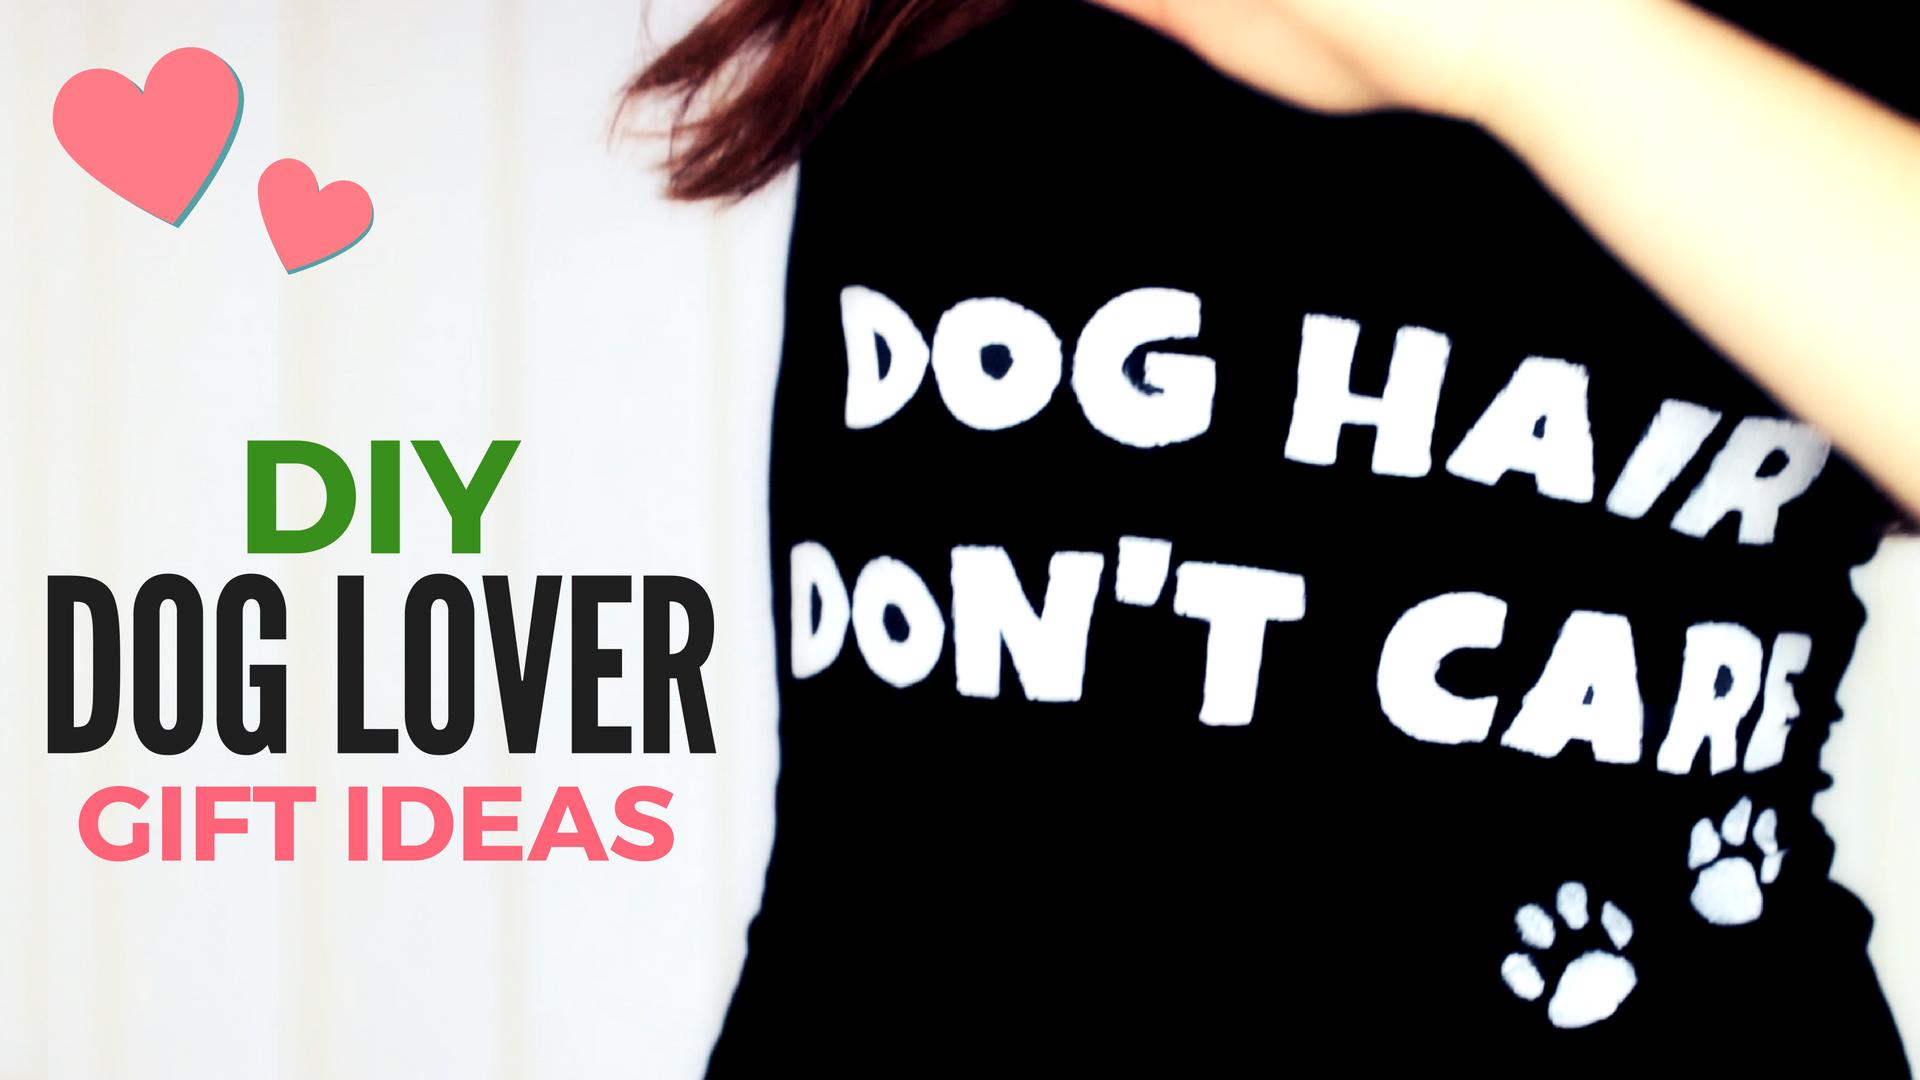 DIY_dog_lover_gift_ideas_thumbmail09